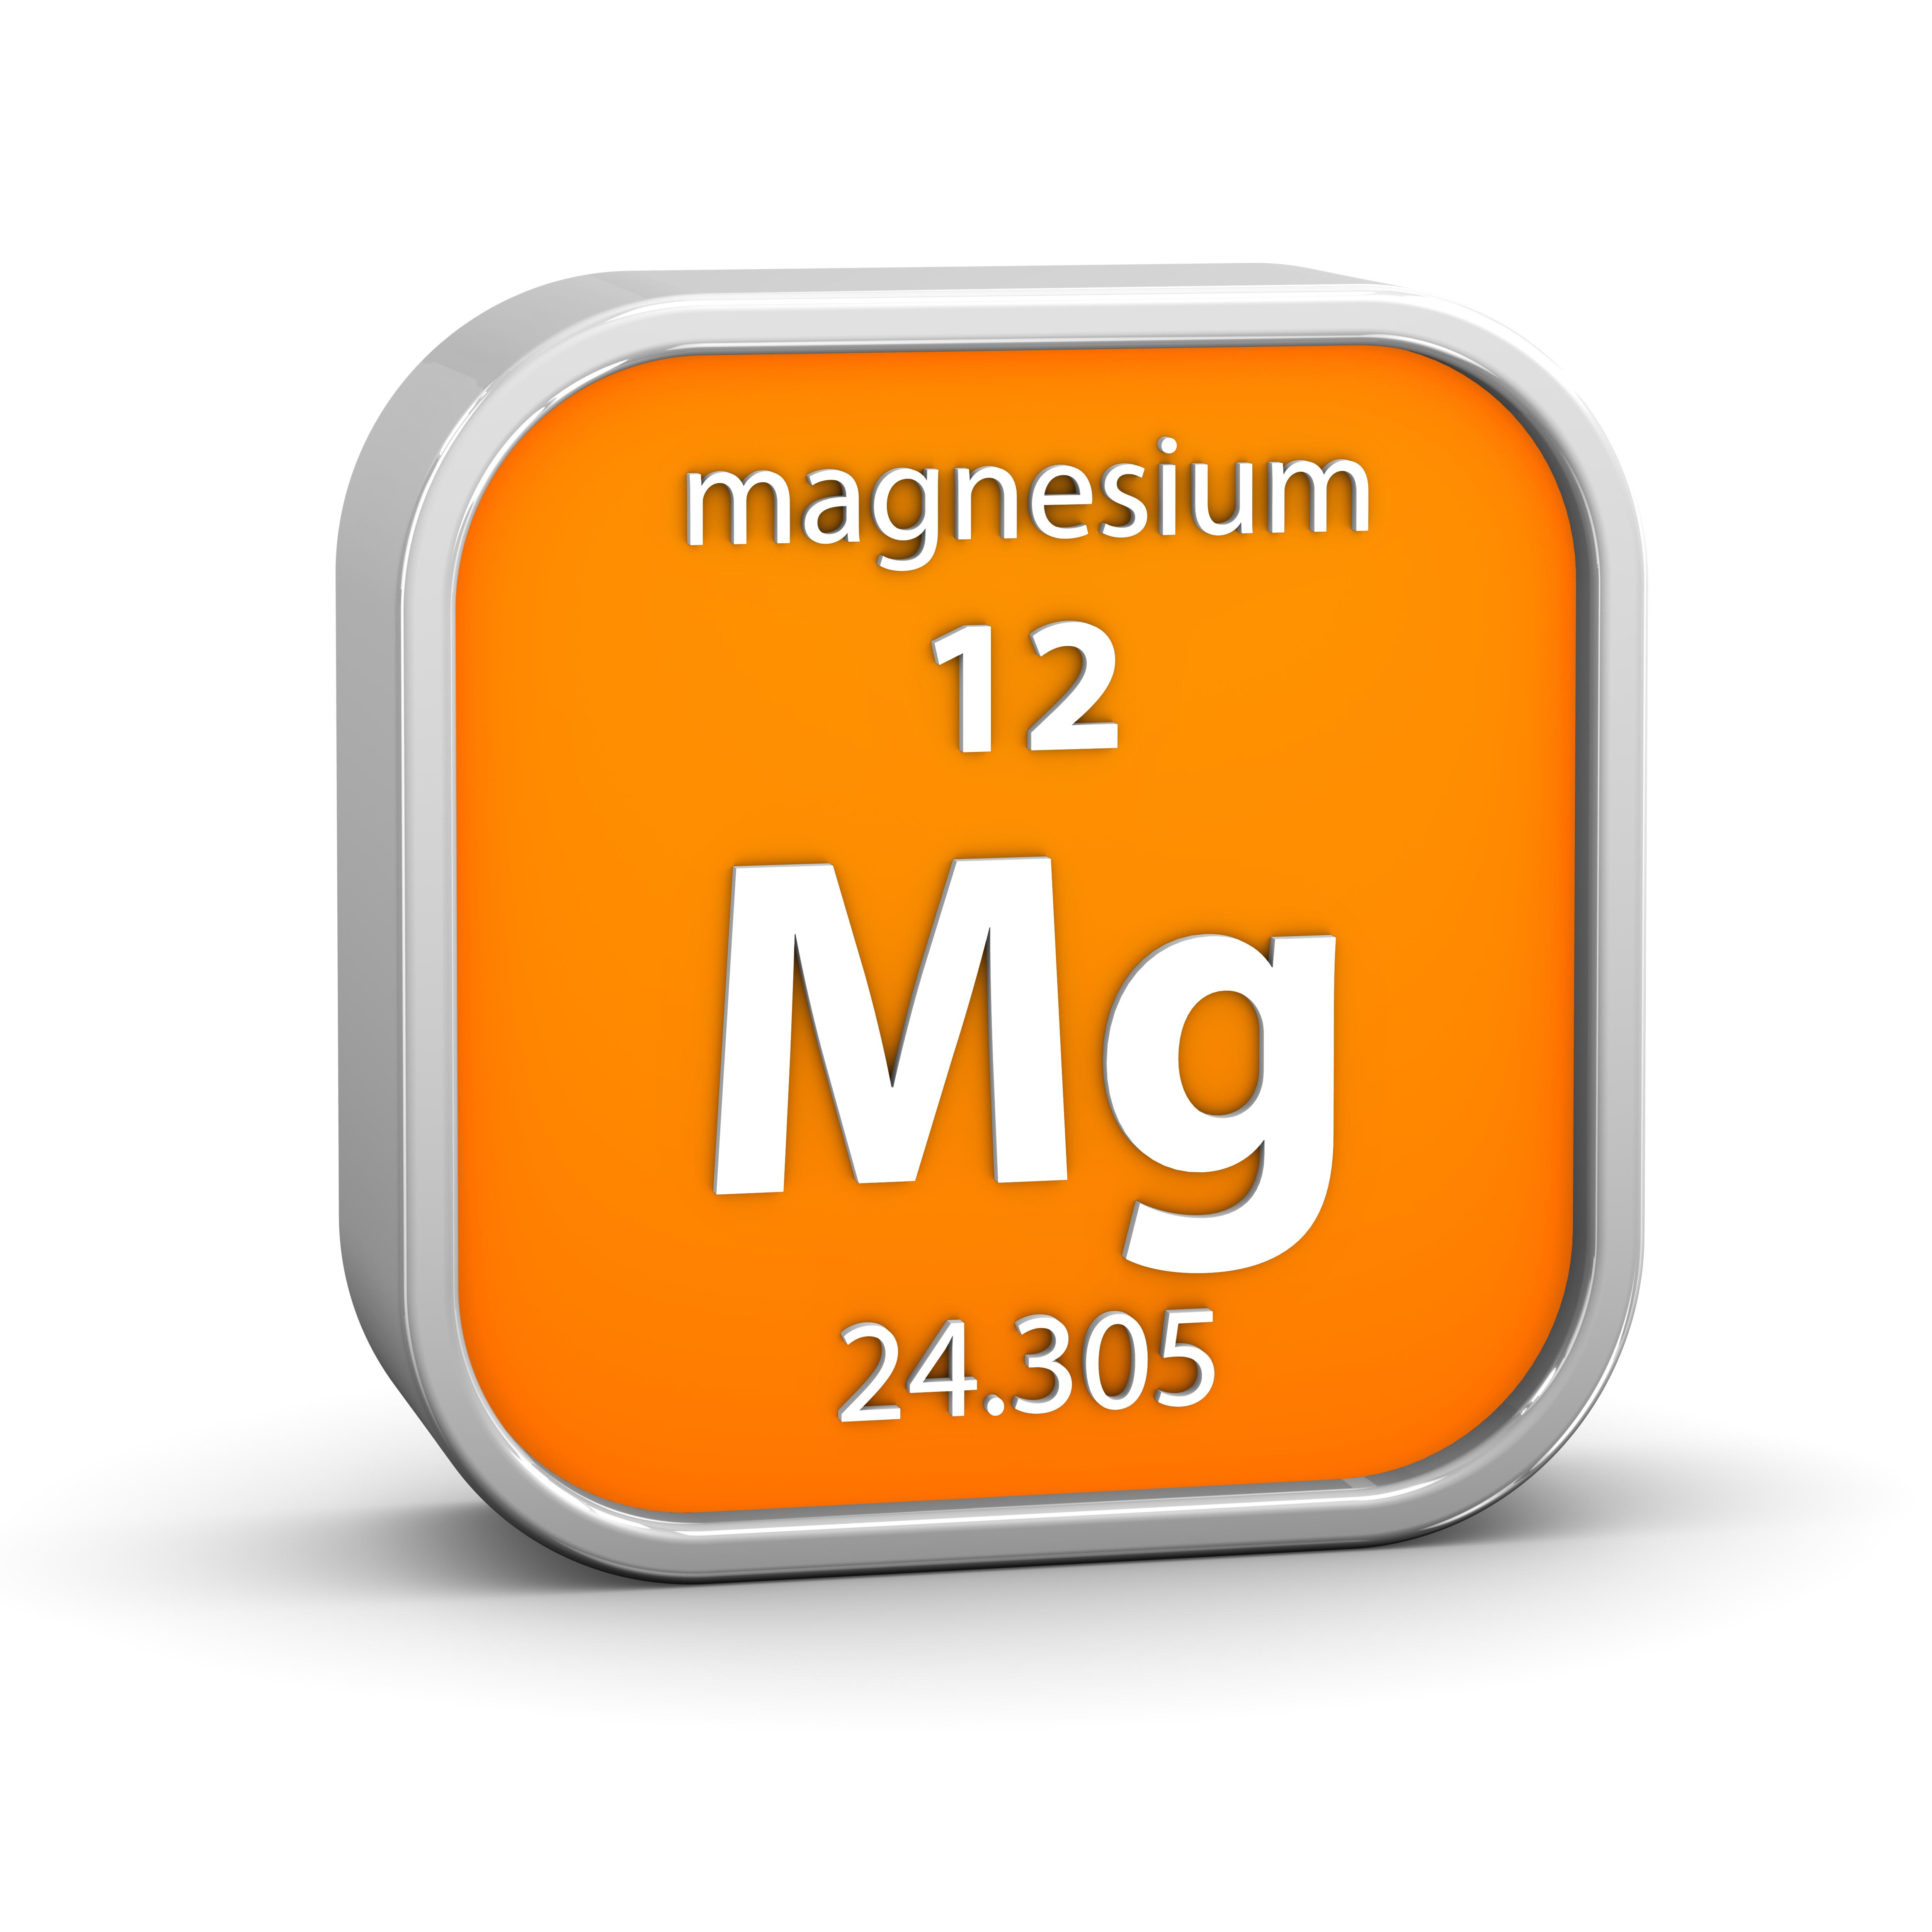 magnesium das geheimnis f r muskeln und energiestoffwechsel der beavit blog. Black Bedroom Furniture Sets. Home Design Ideas